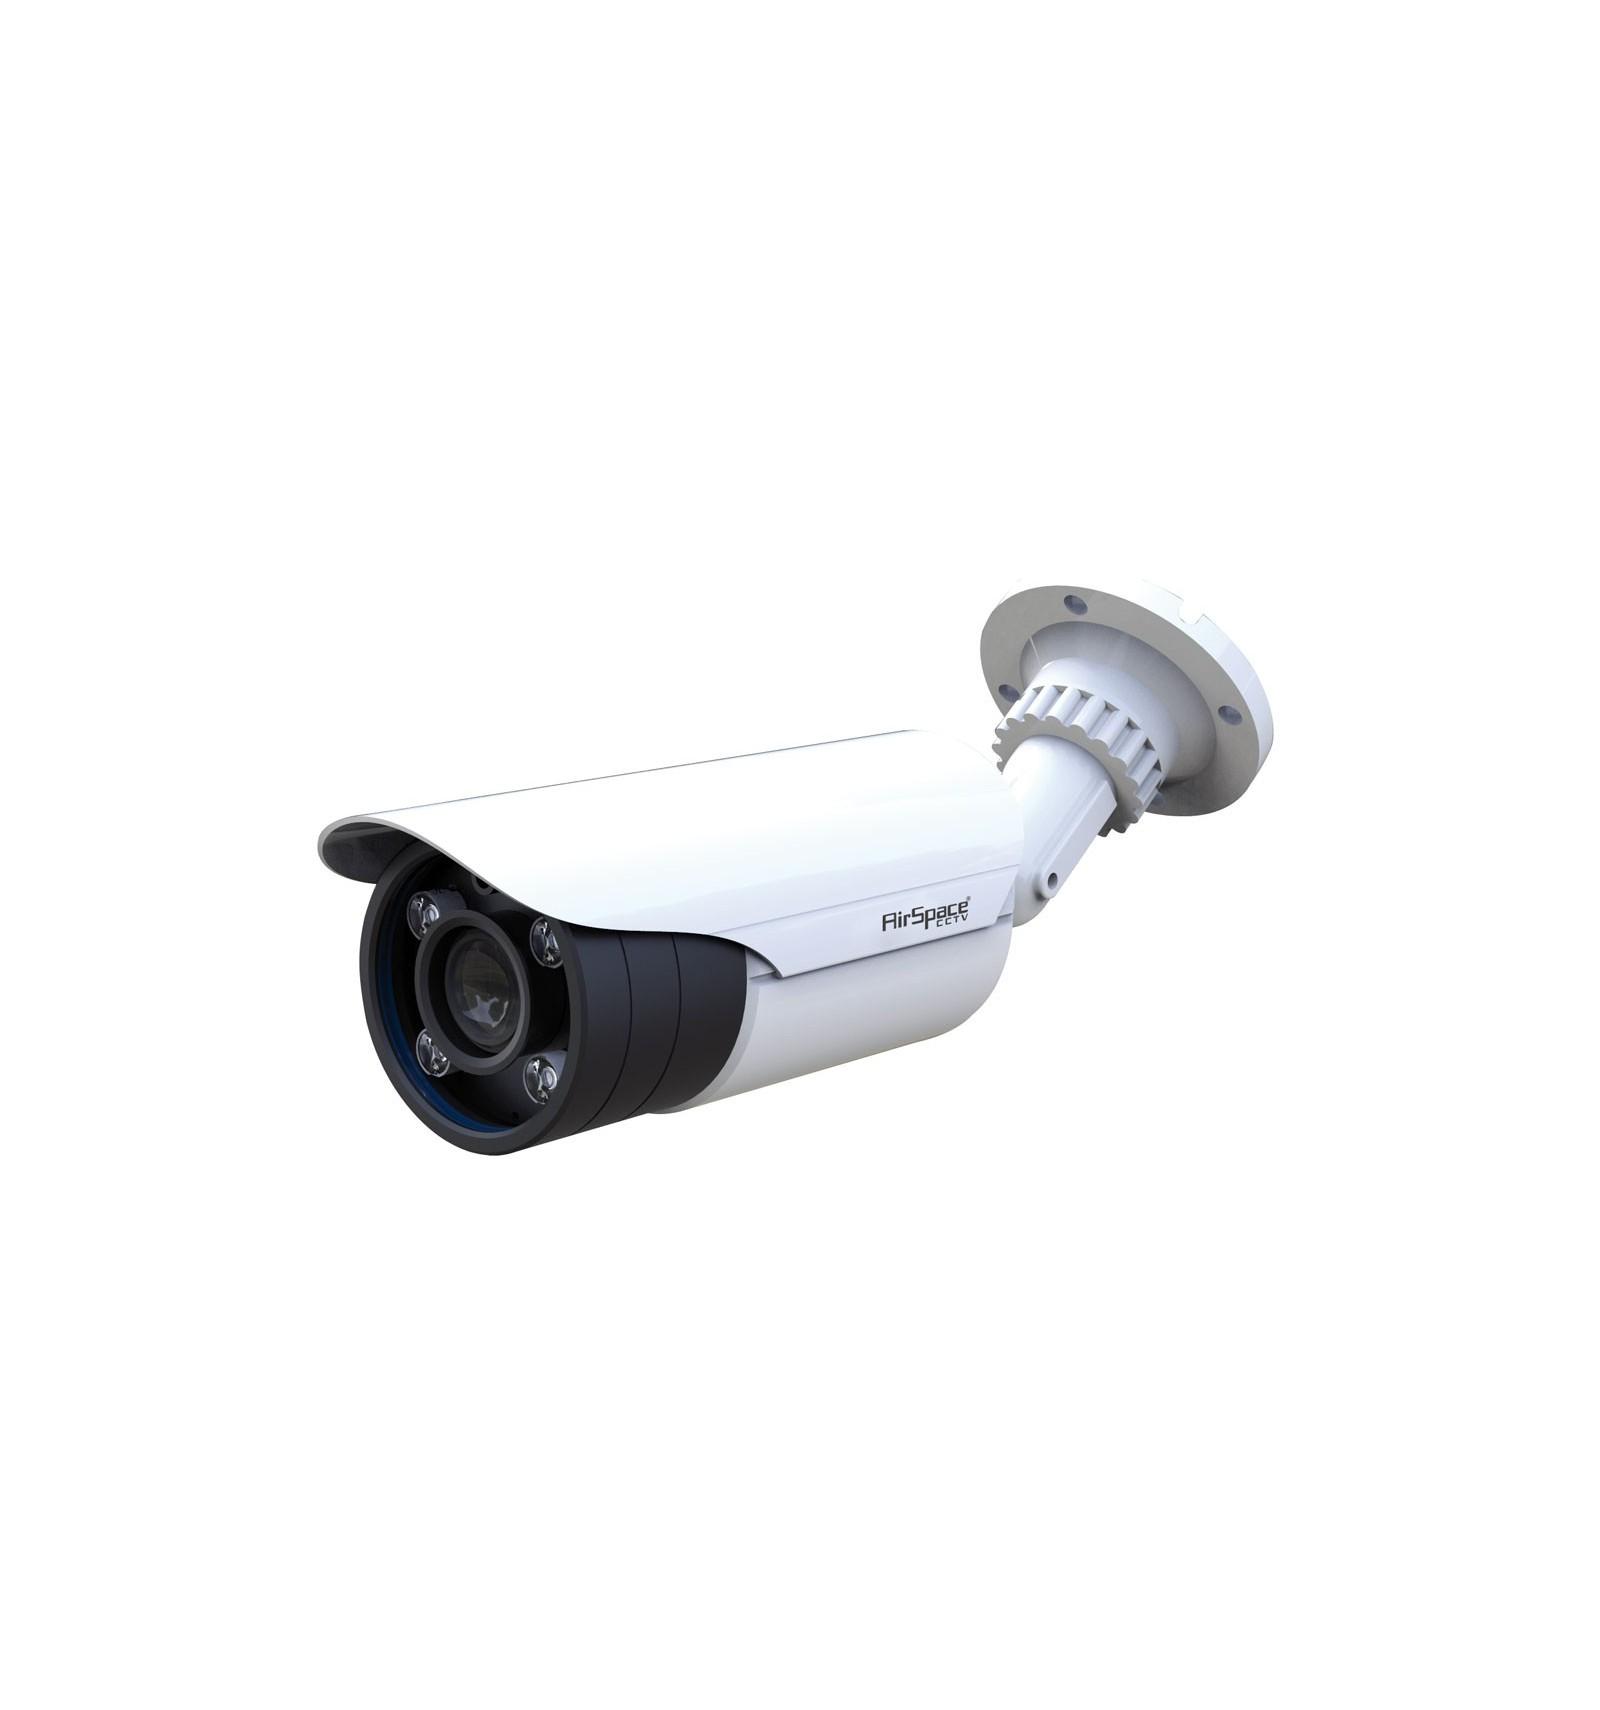 Camara de vigilancia exterior con visi n nocturna hasta 50 - Camaras vigilancia exterior ...